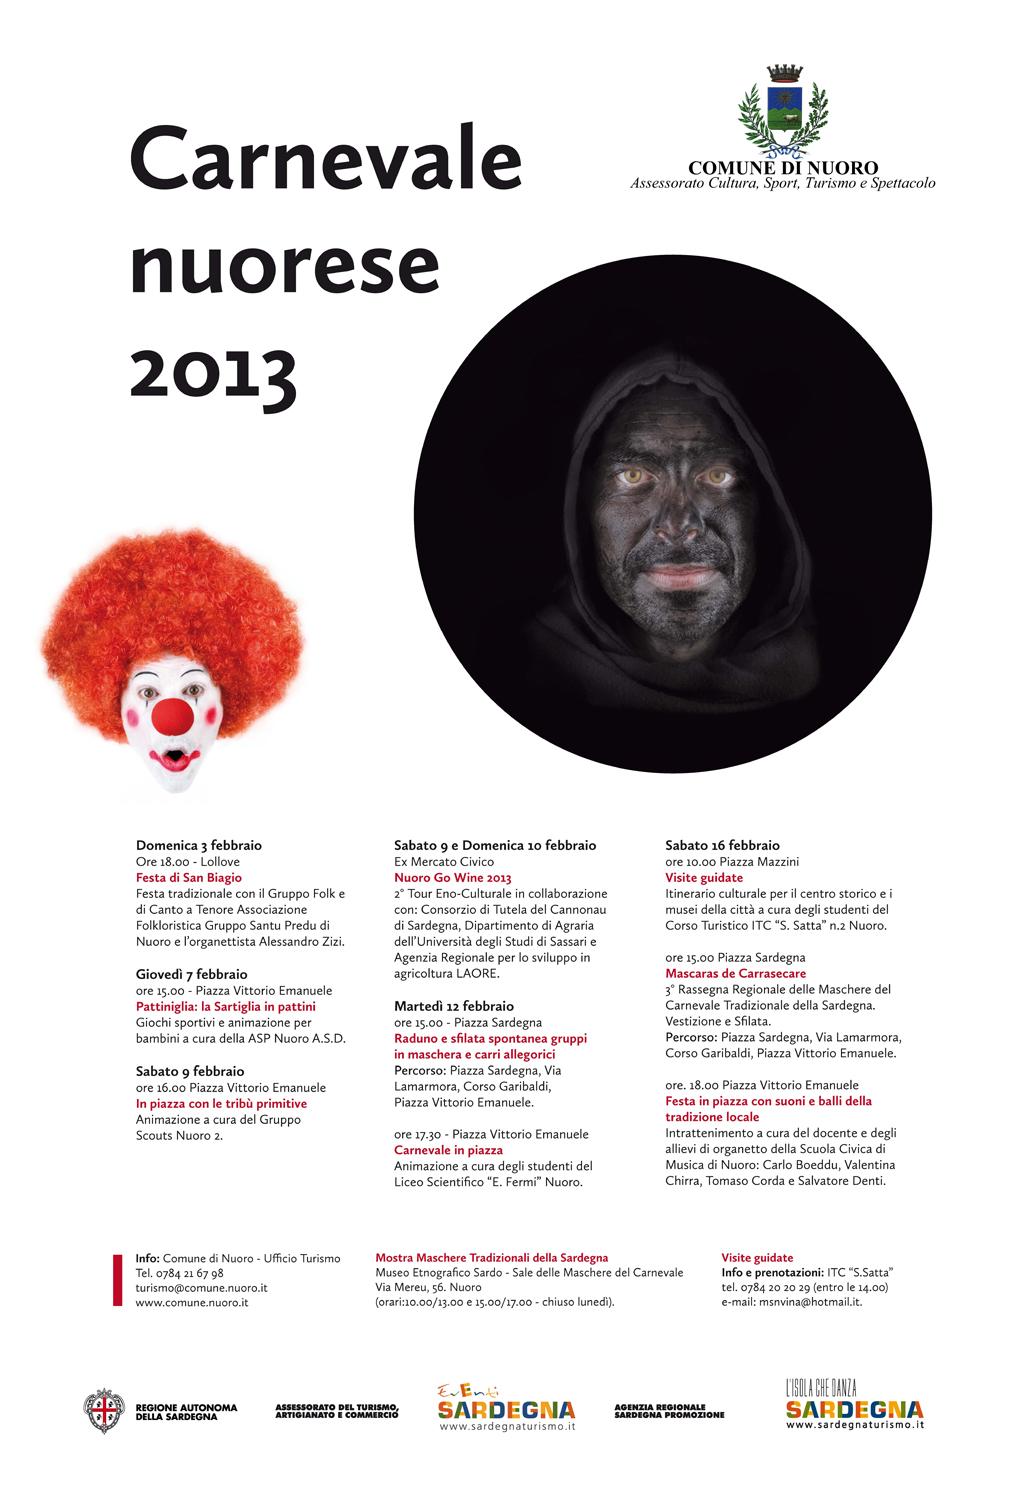 Ingrandisci Immagine: Carnevale Nuorese 2013 - Manifesto Programma fonte Comune di Nuoro Assessorato cultura Sport Turismo